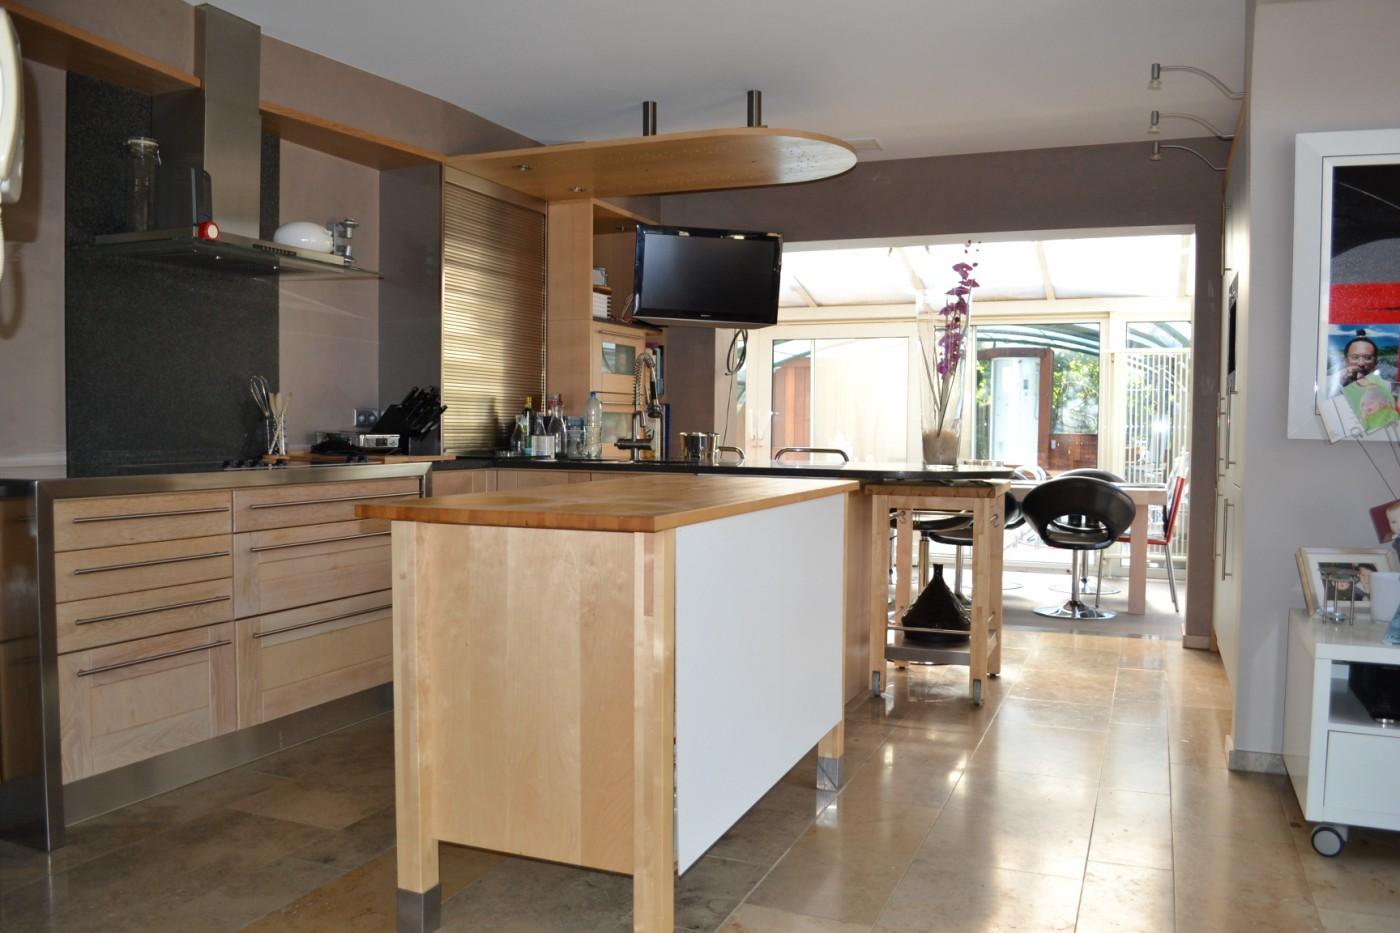 inrichting professionele keuken : Villa Combinatie Van Priv Woonst Met Professionele Activiteit Of